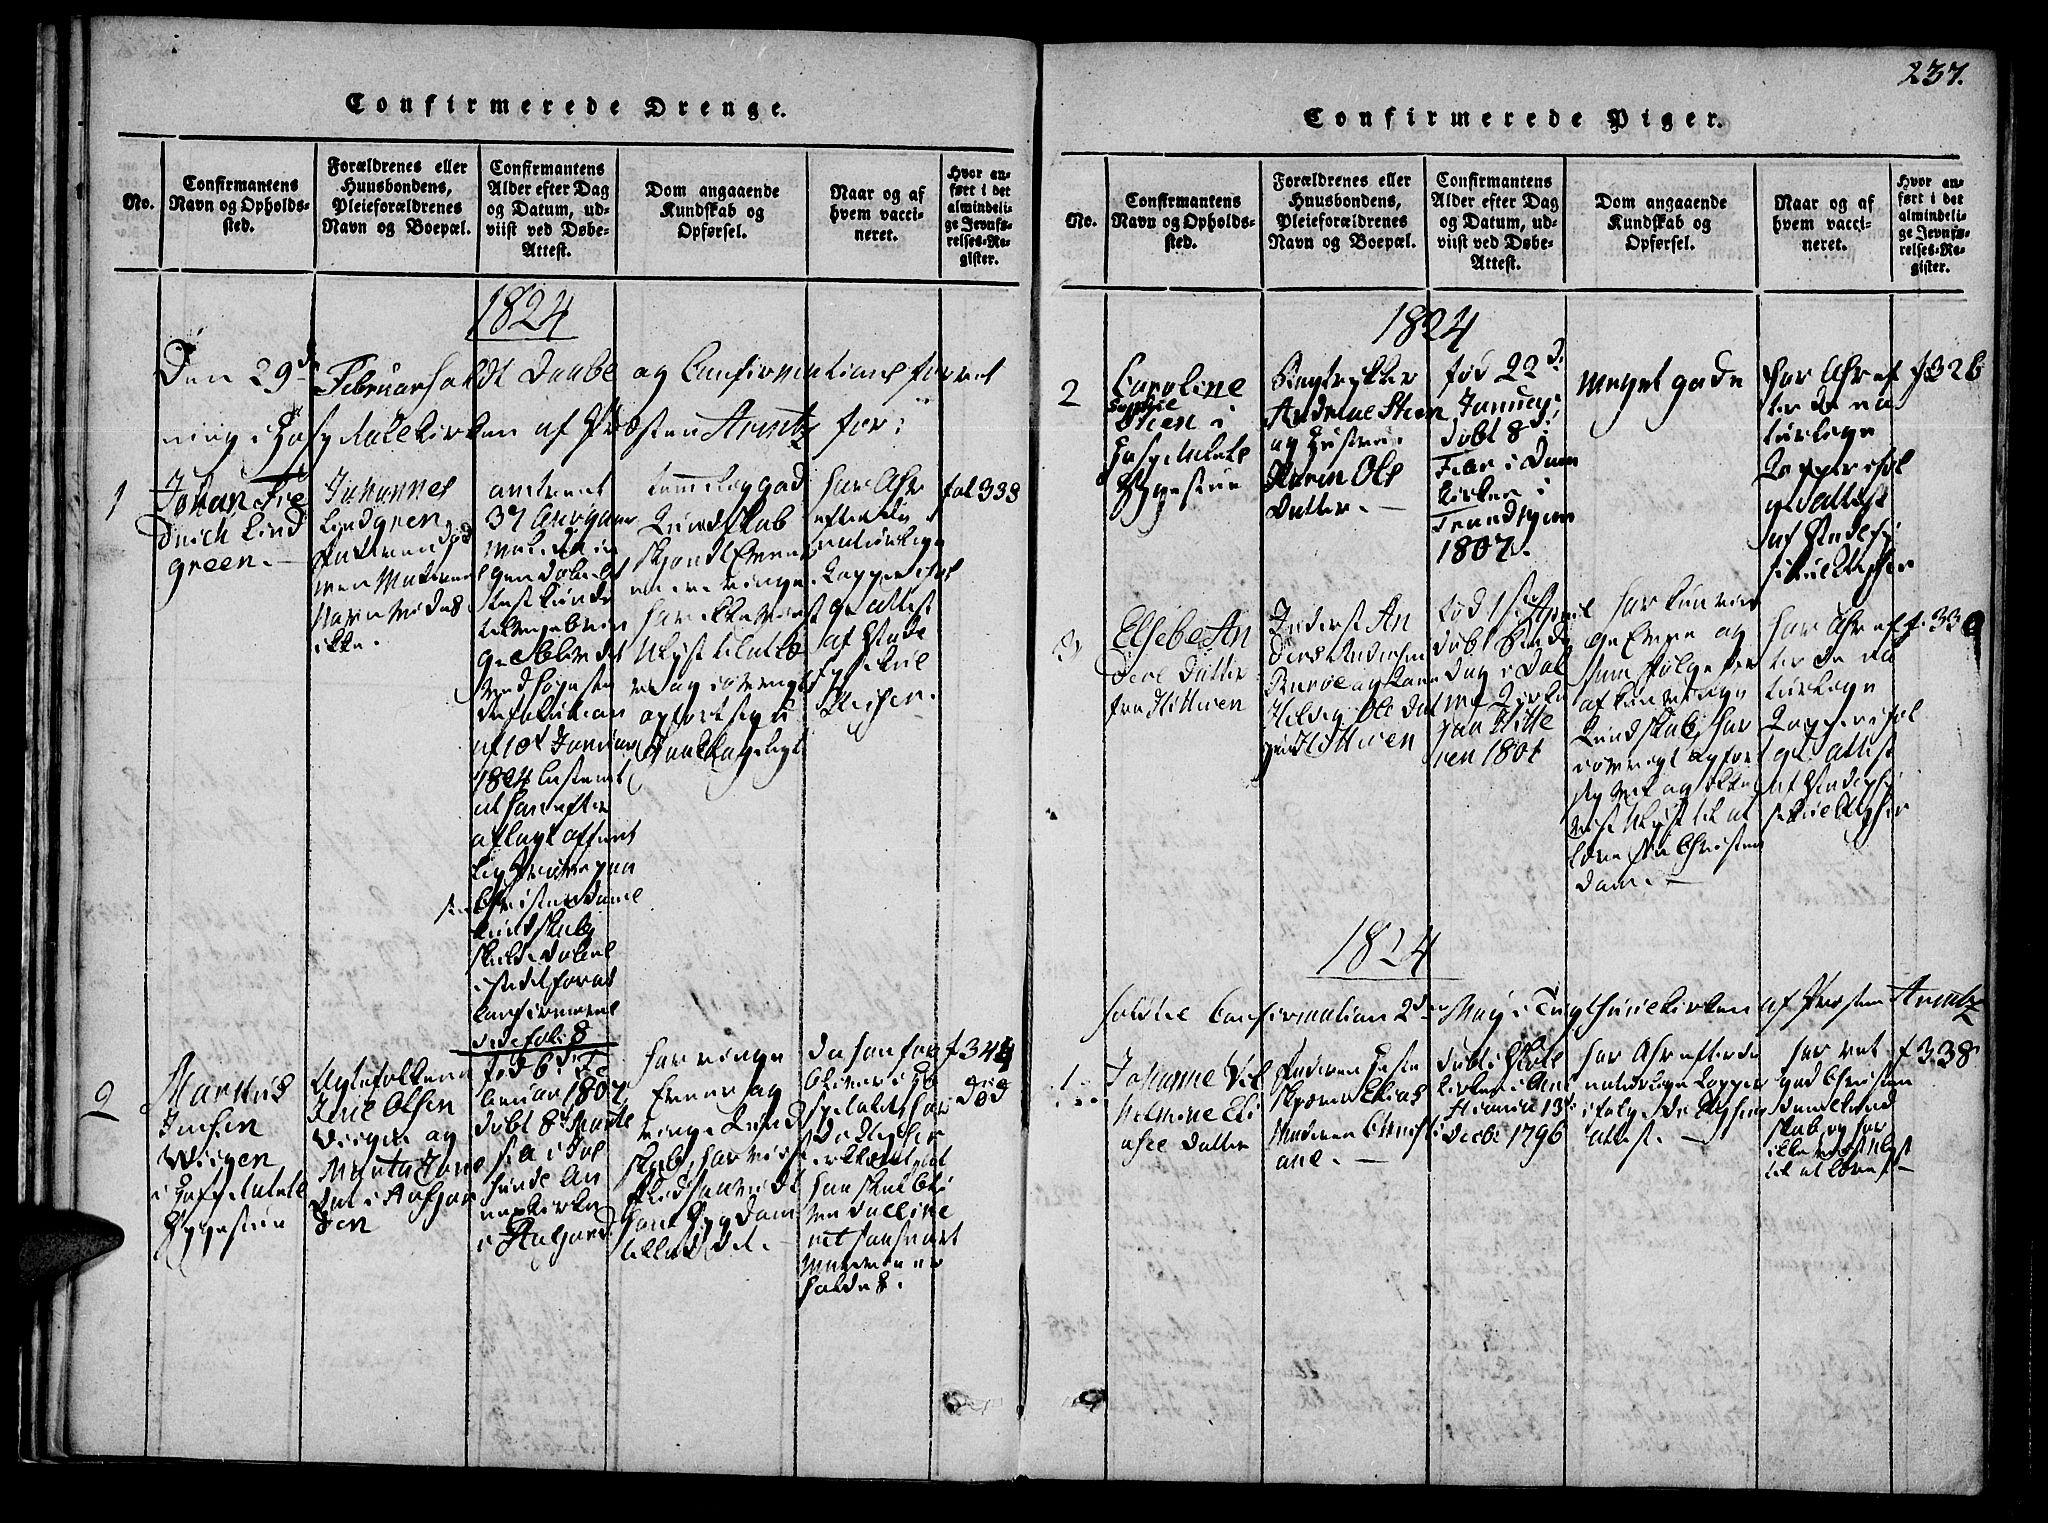 SAT, Ministerialprotokoller, klokkerbøker og fødselsregistre - Sør-Trøndelag, 623/L0467: Ministerialbok nr. 623A01, 1815-1825, s. 237